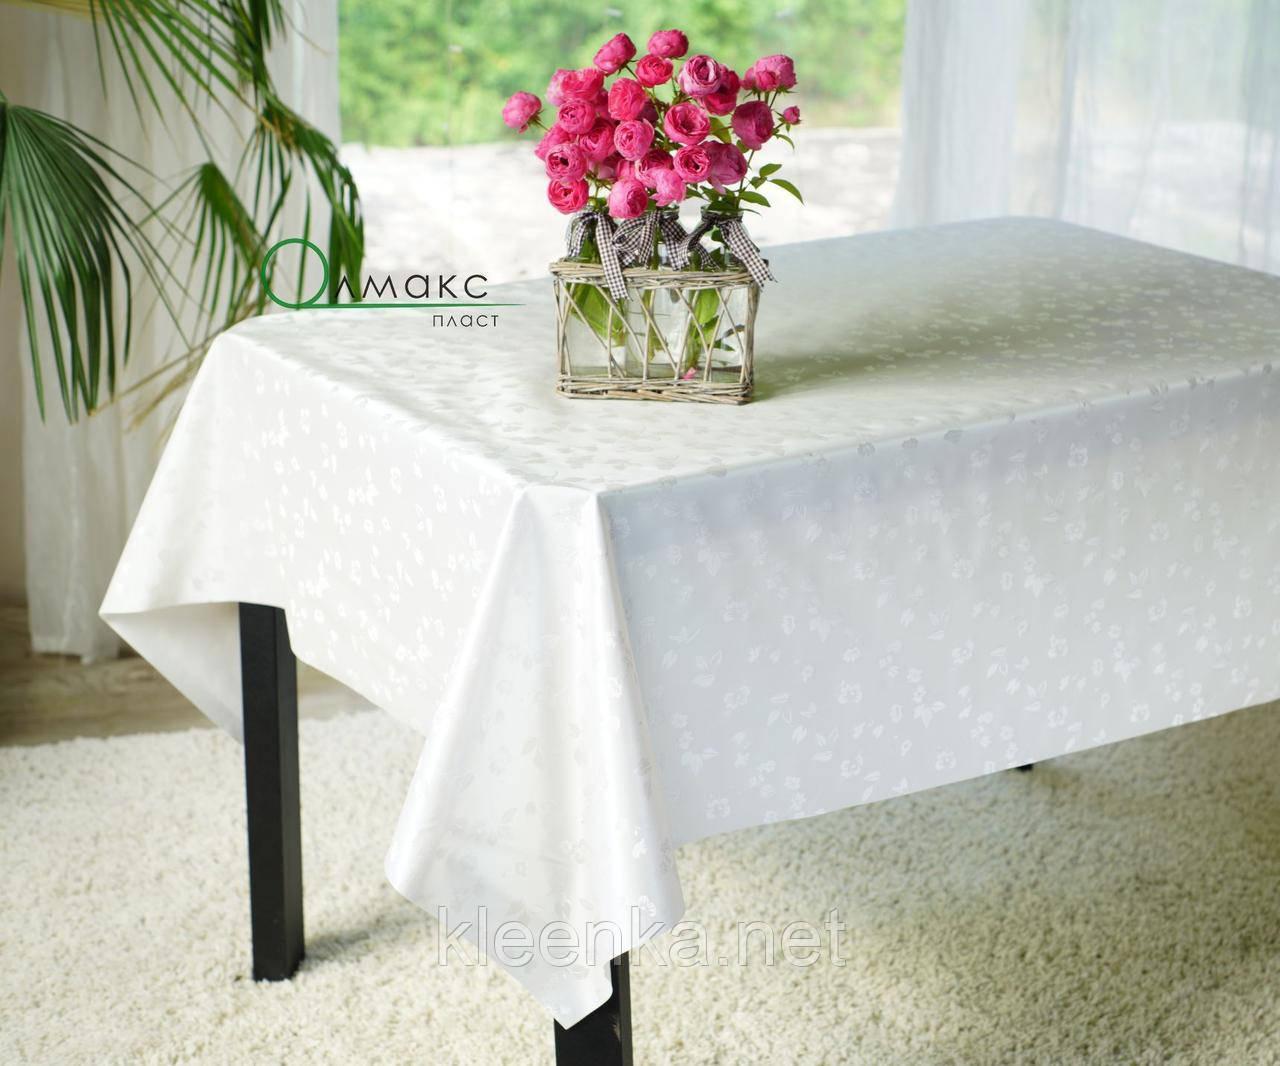 Белая праздничная скатерть-клеенка на кухонный стол  на тканевой основе с перламутром